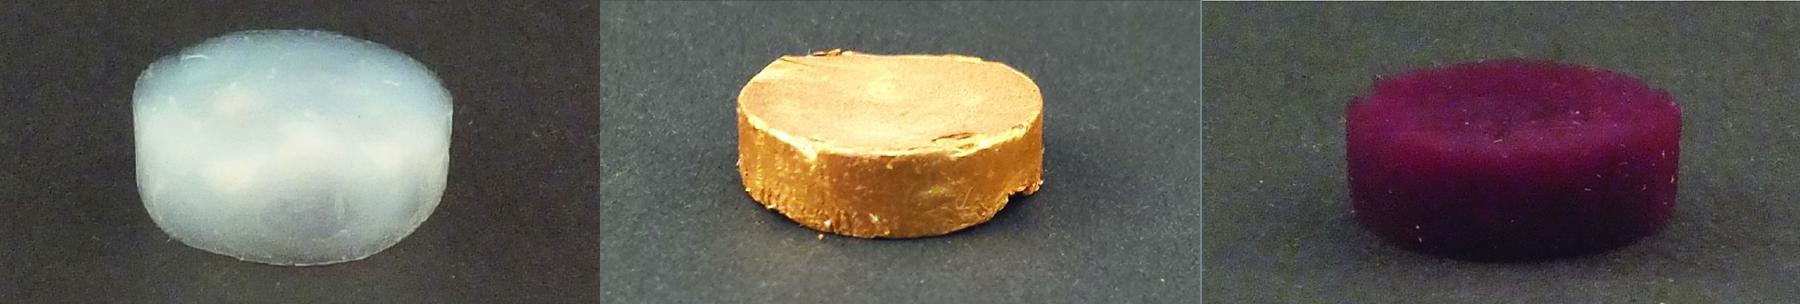 Ein Schaum aus Proteinfäden (amyloiden Fibrillen) ohne Gold (oben), mit Gold-Mikropartikeln (Mitte) und Gold-Nanopartikeln (unten).)